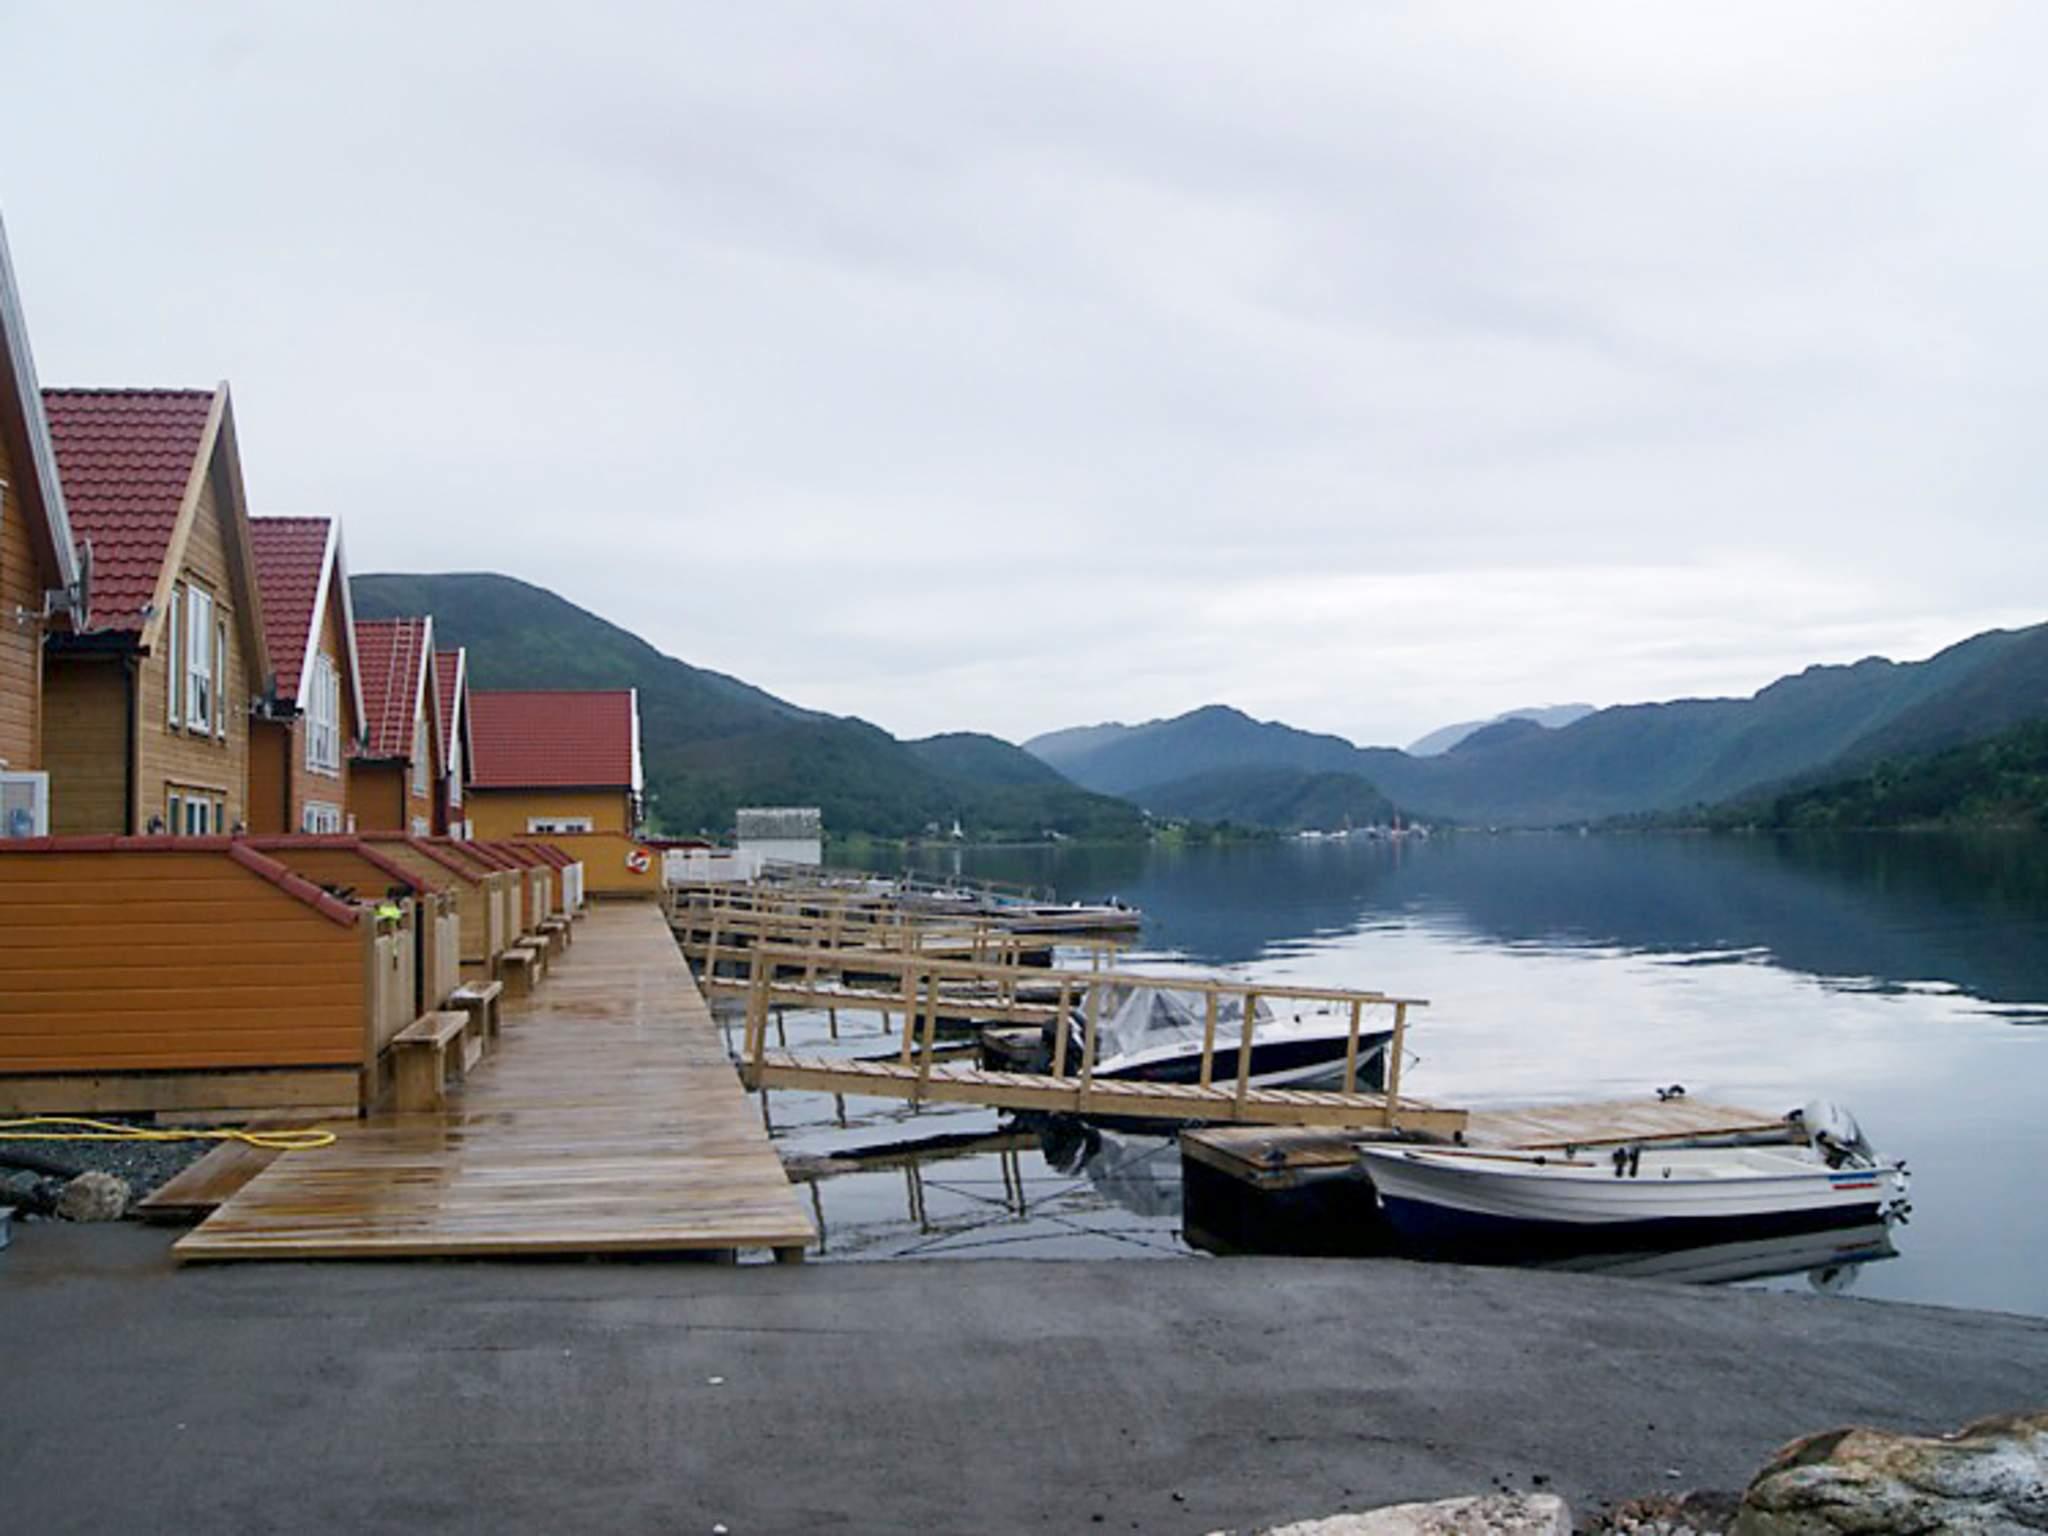 Ferienhaus Haugsbygda (479853), Haugsbygda, More - Romsdal, Westnorwegen, Norwegen, Bild 27